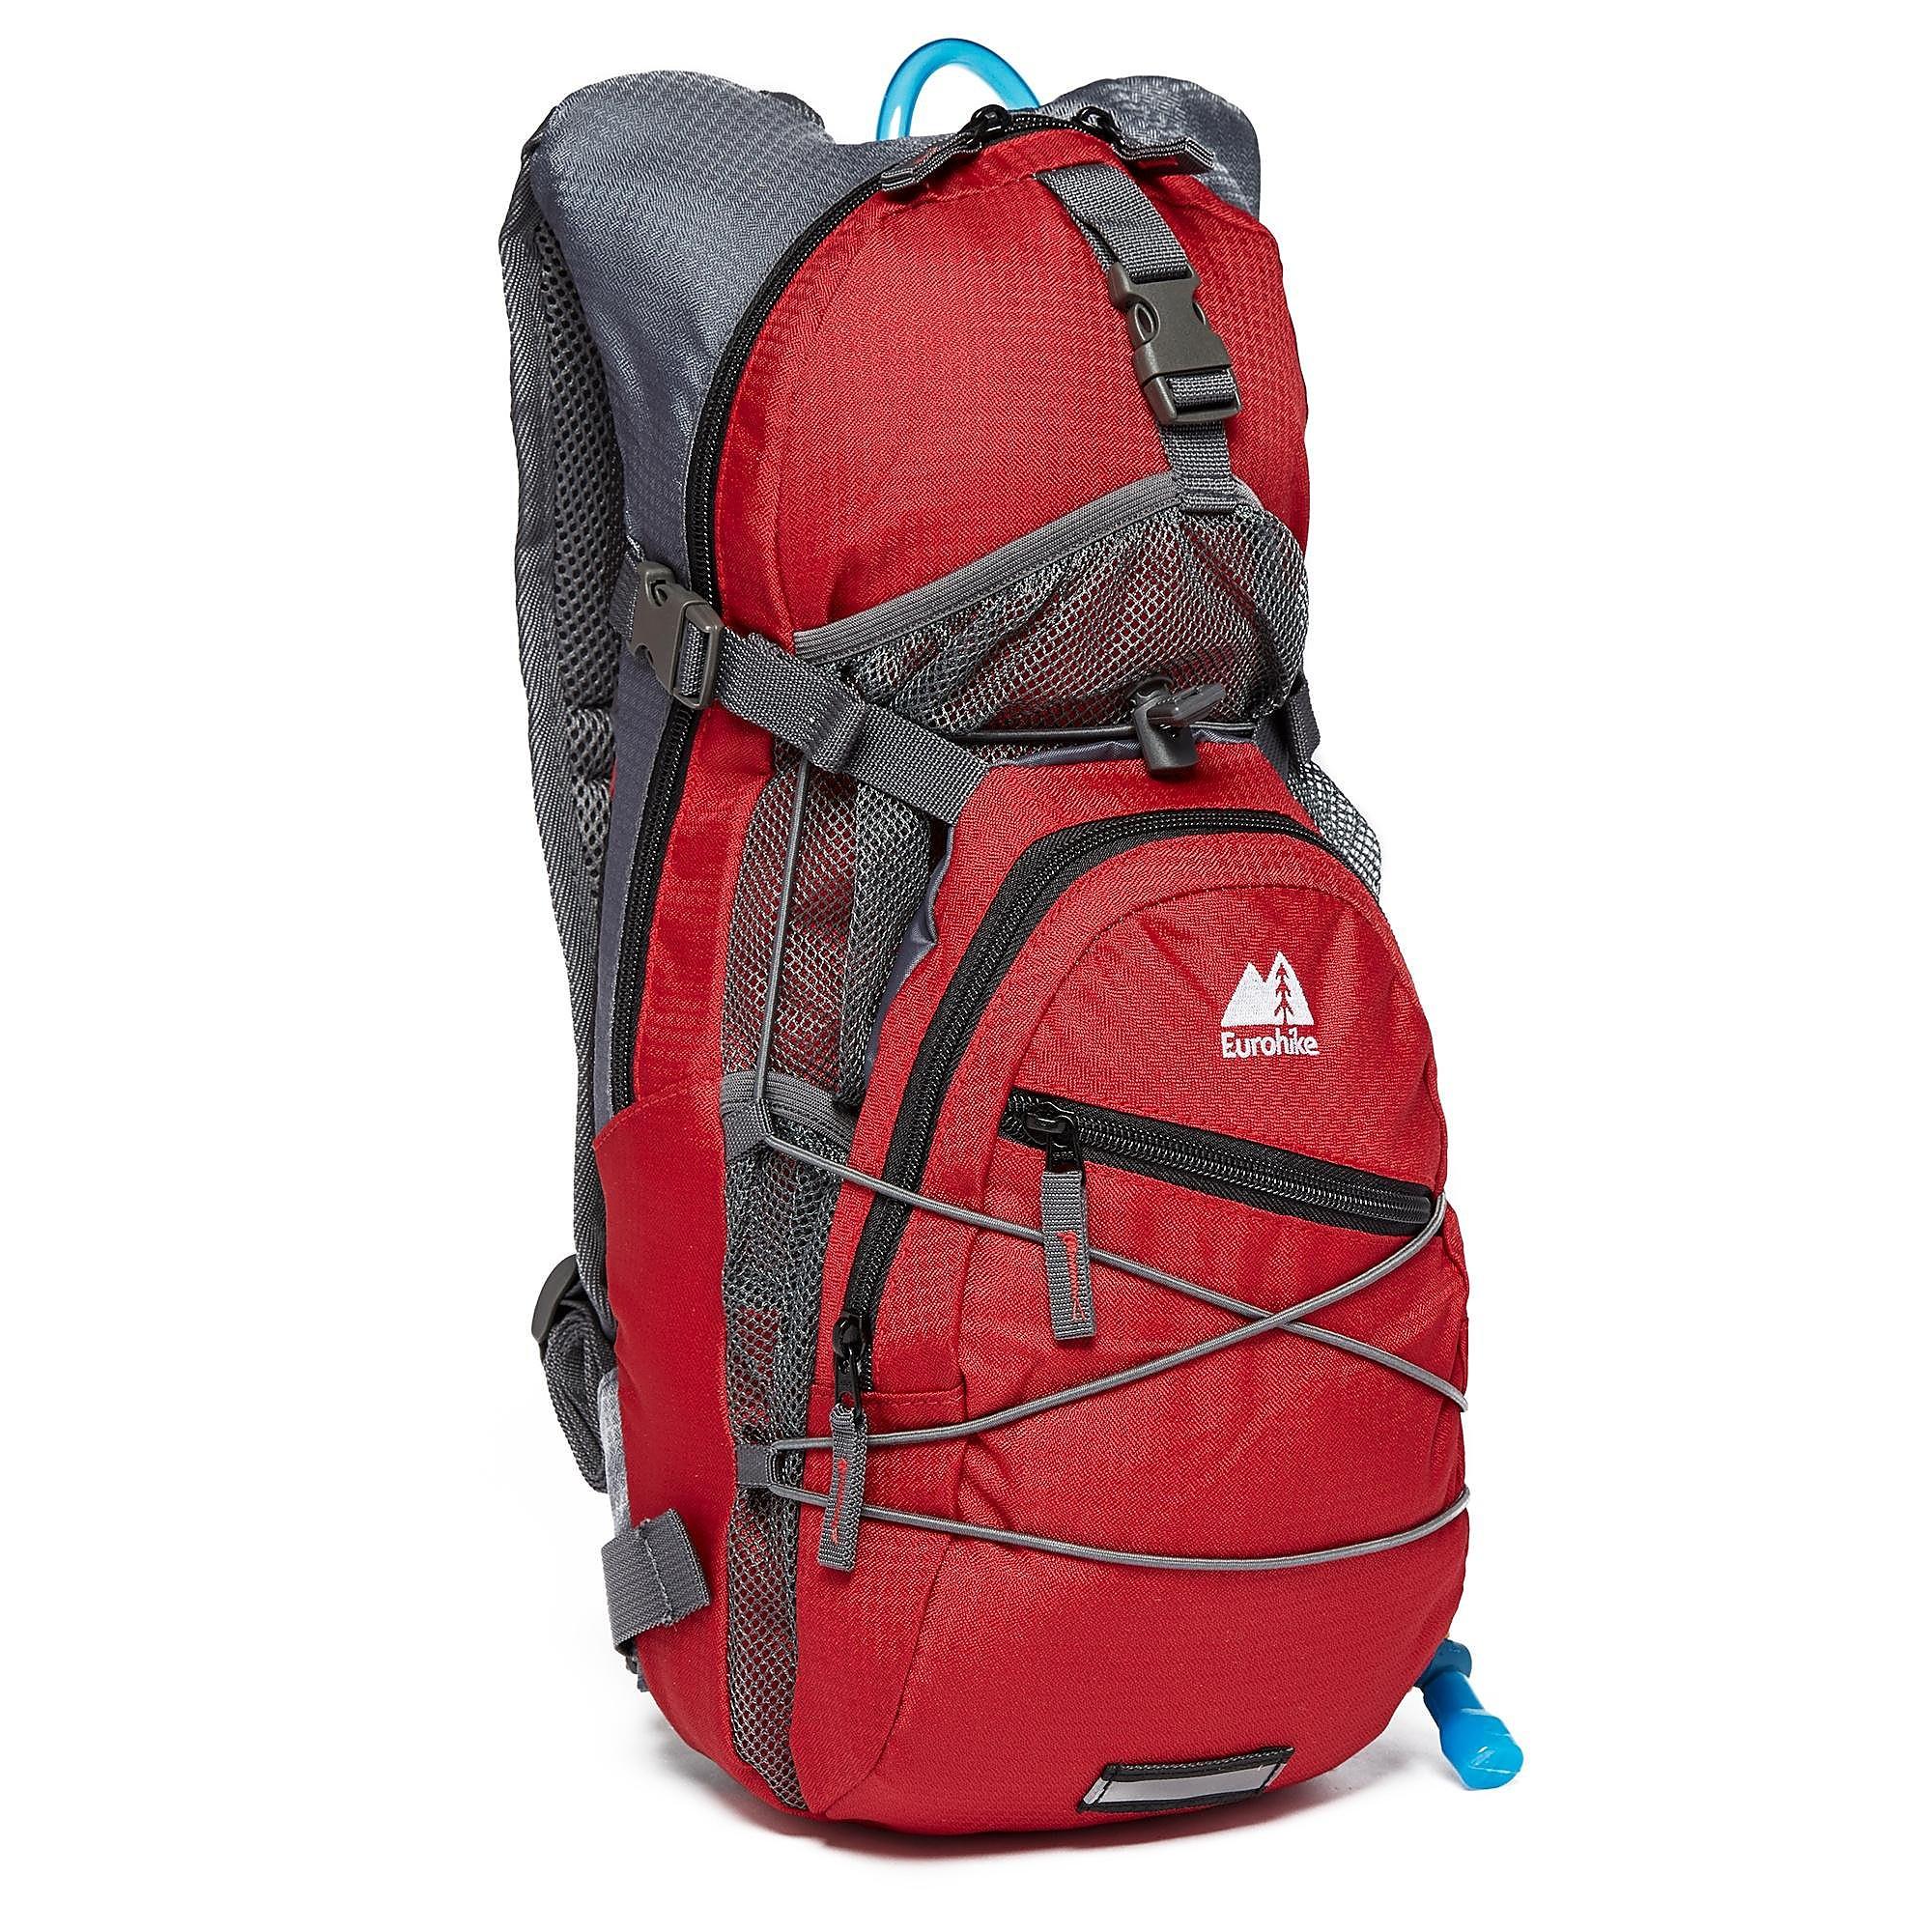 Eurohike Hydra Enduro 2 Backpack